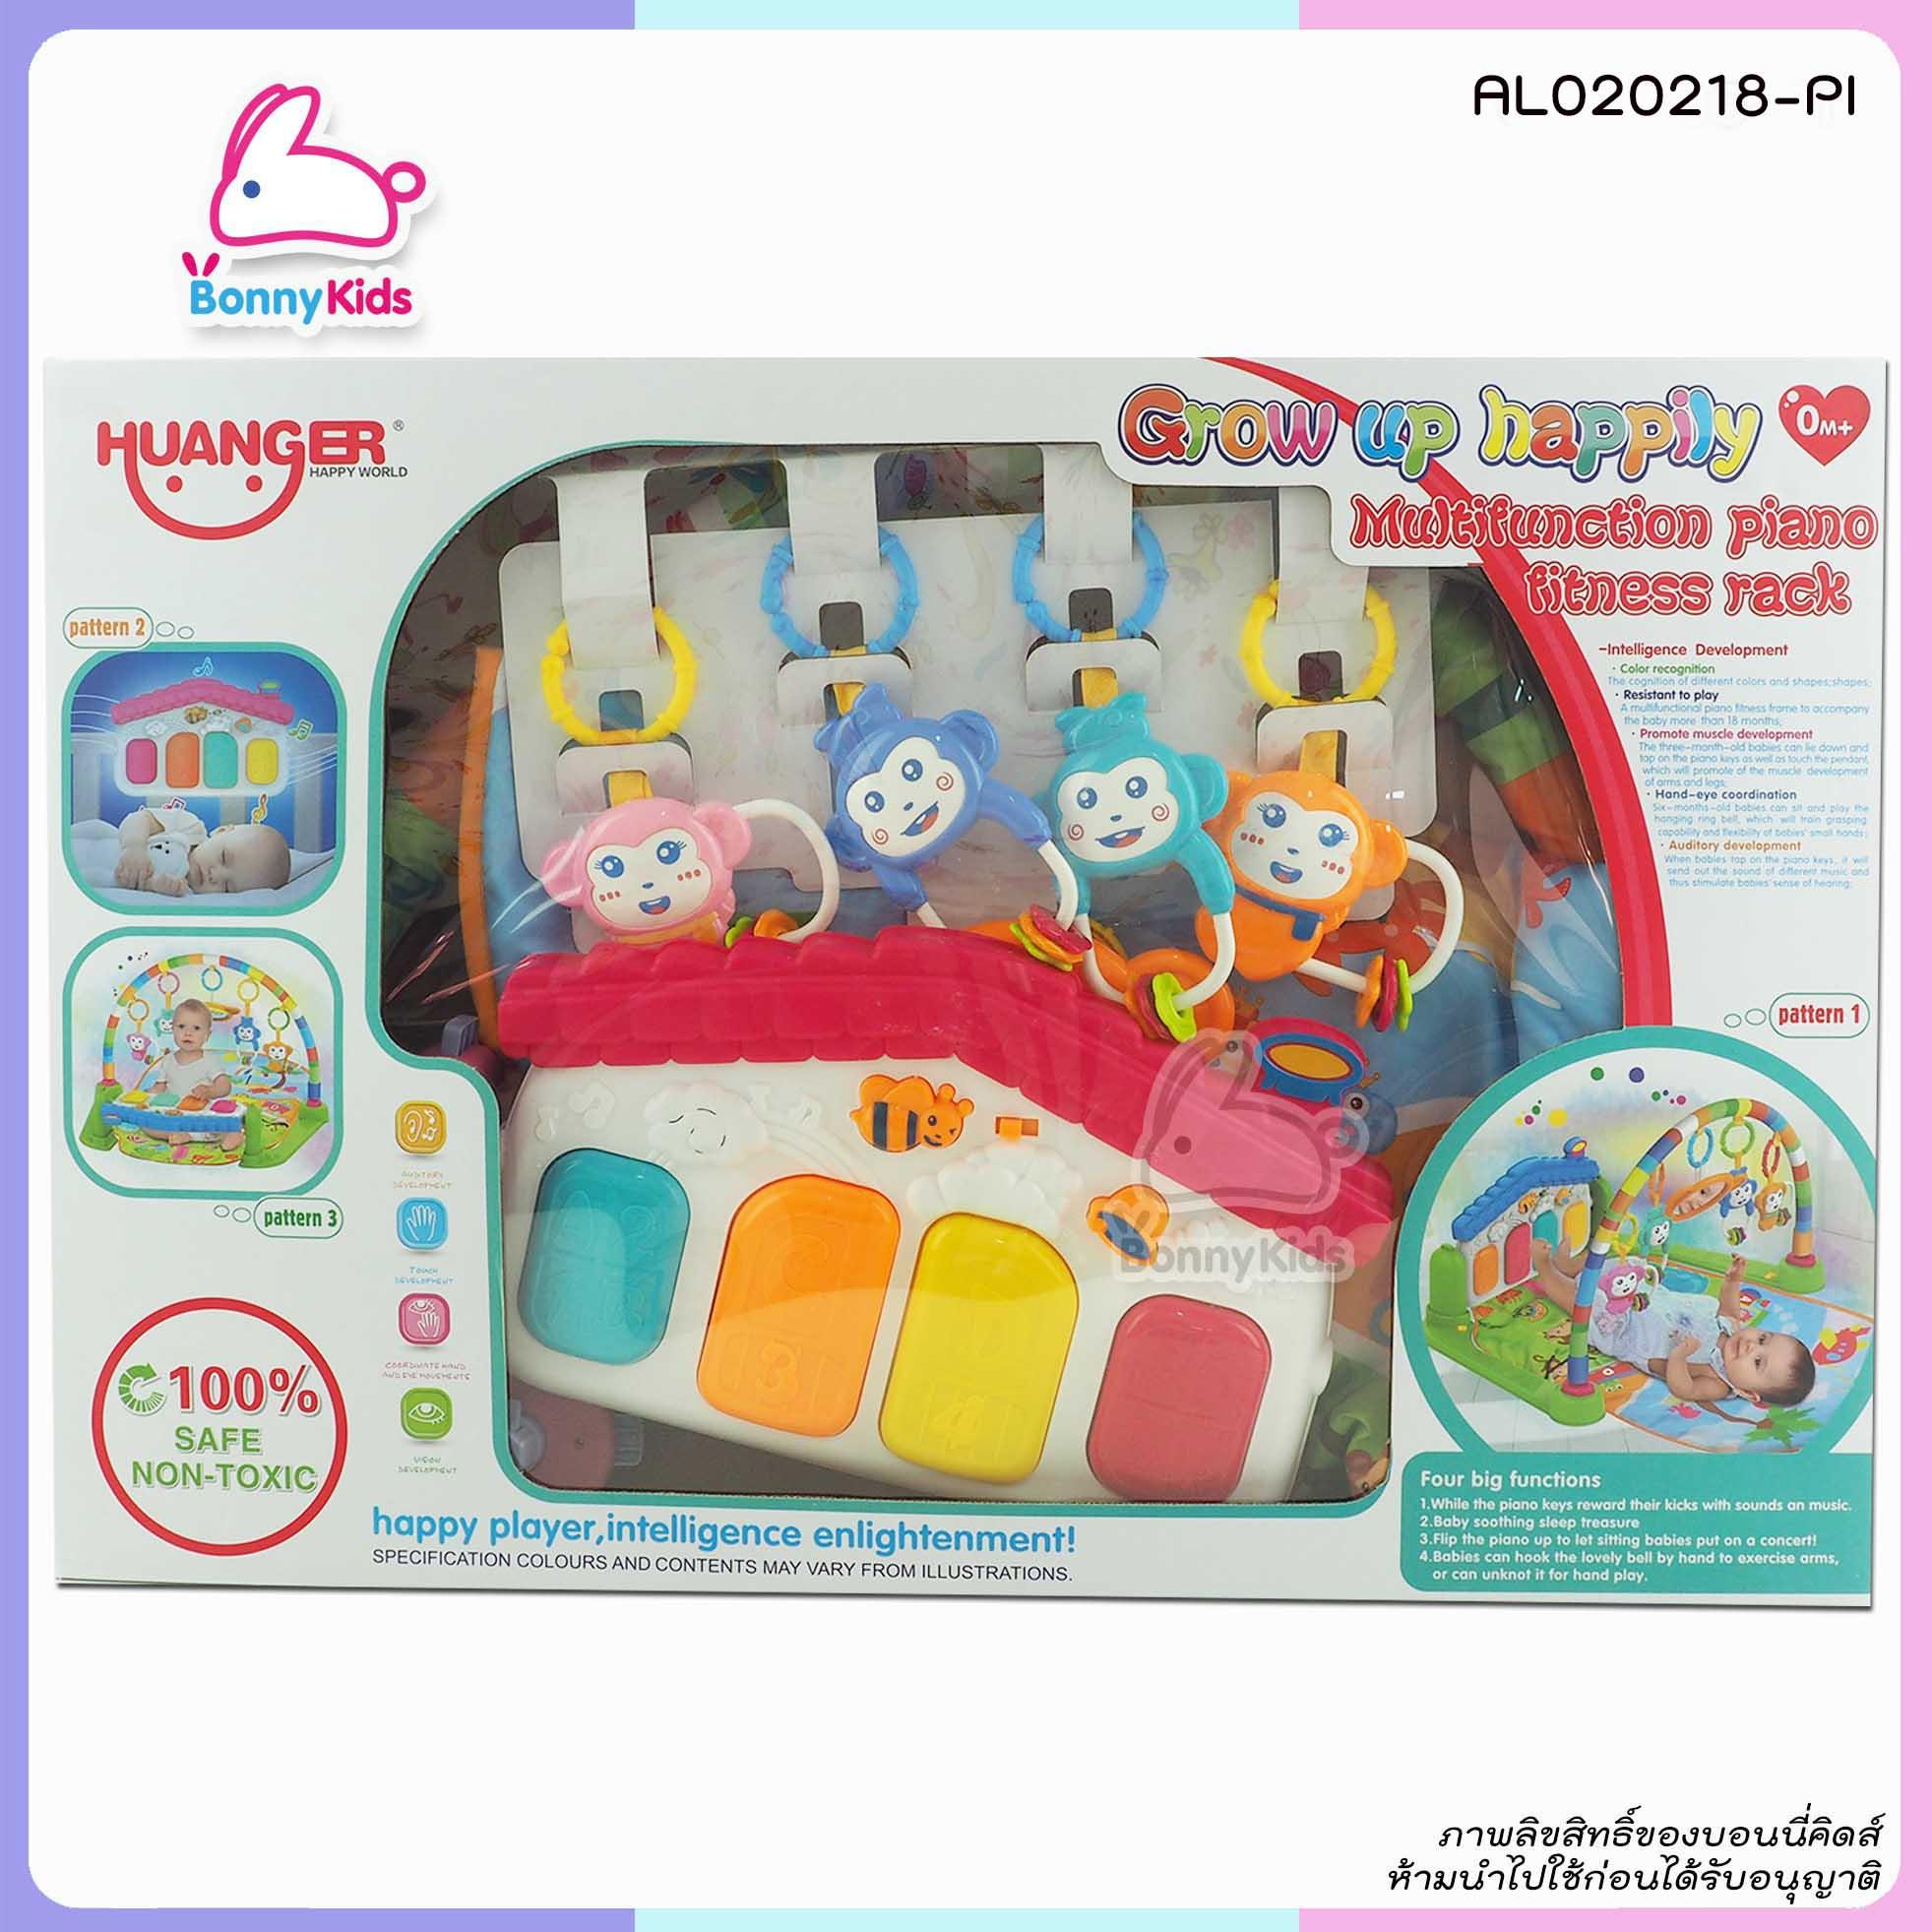 เพลยิมโมบาย เปียโน เสริมพัฒนาการเด็กอ่อน สีชมพู